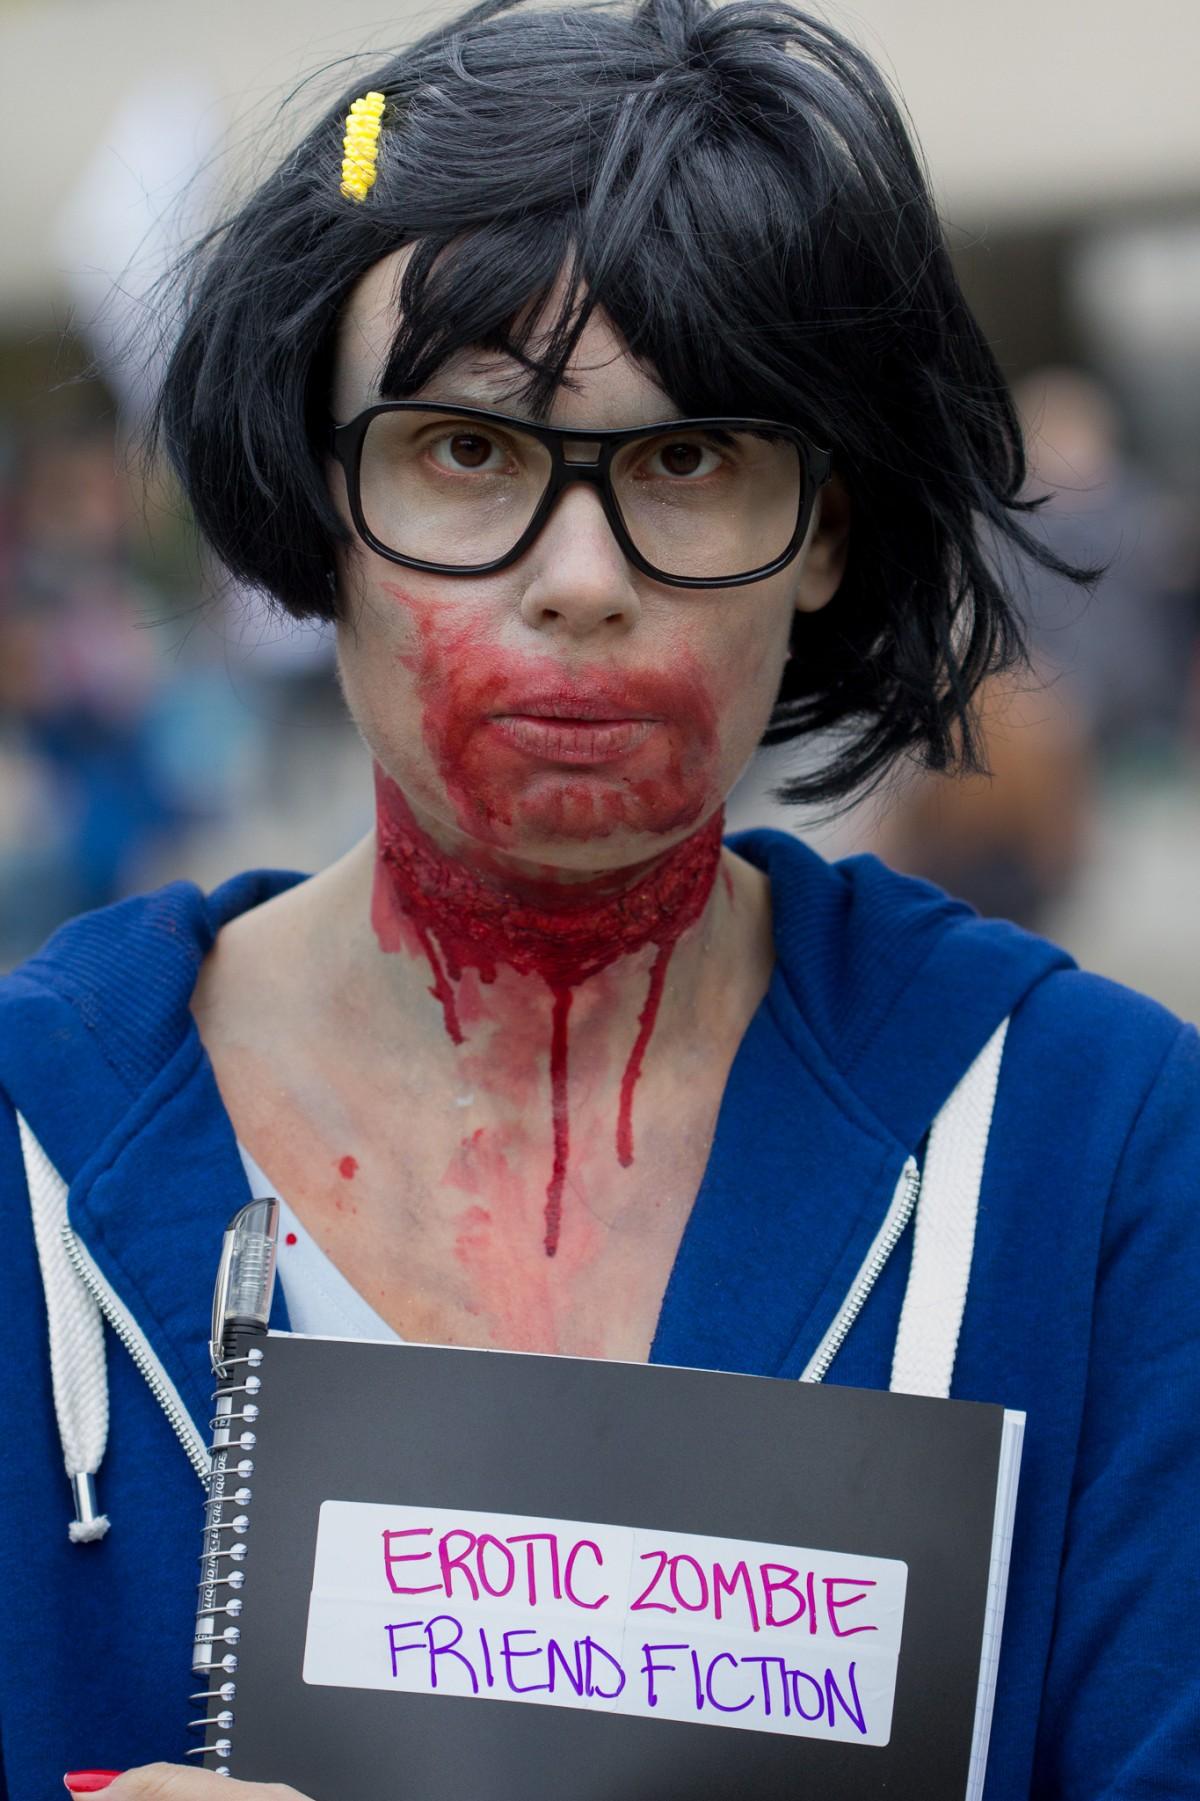 Erotic Zombie Friend Fiction